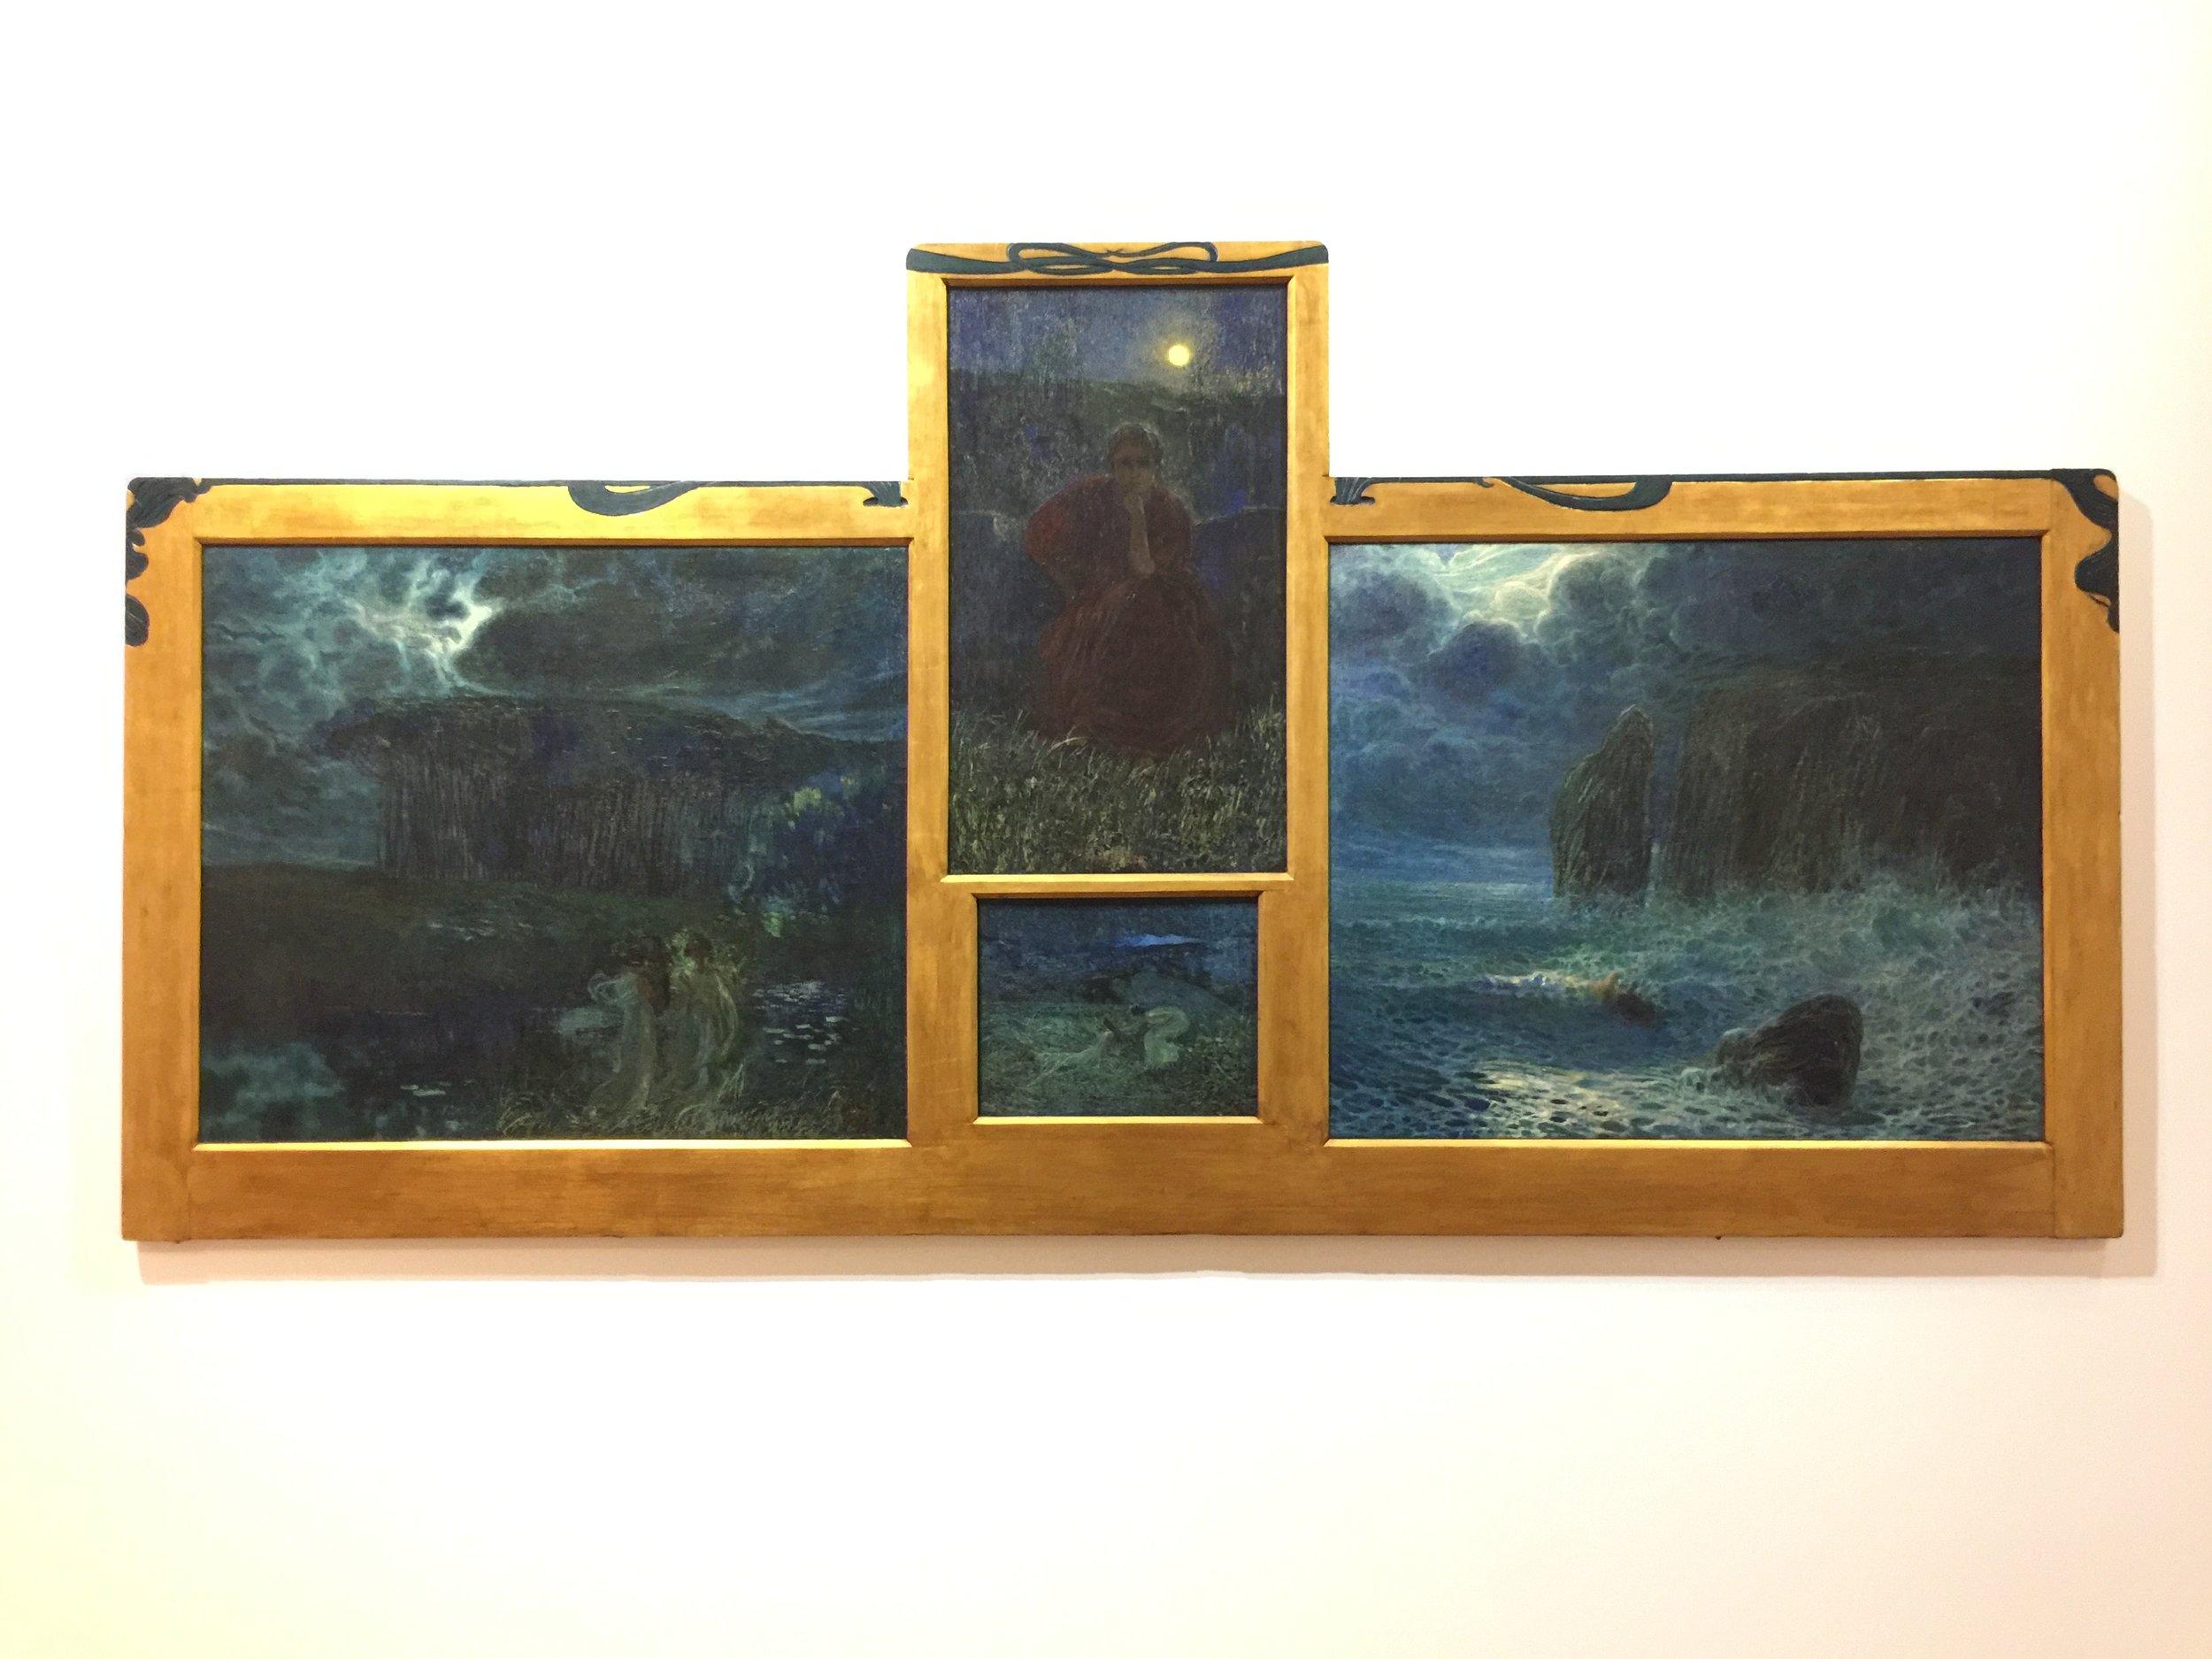 PLINIO NOMELLINI  SINFONIA DELLA LUNA [SYMPHONY OF THE MOON]  1899  OIL ON CANVAS